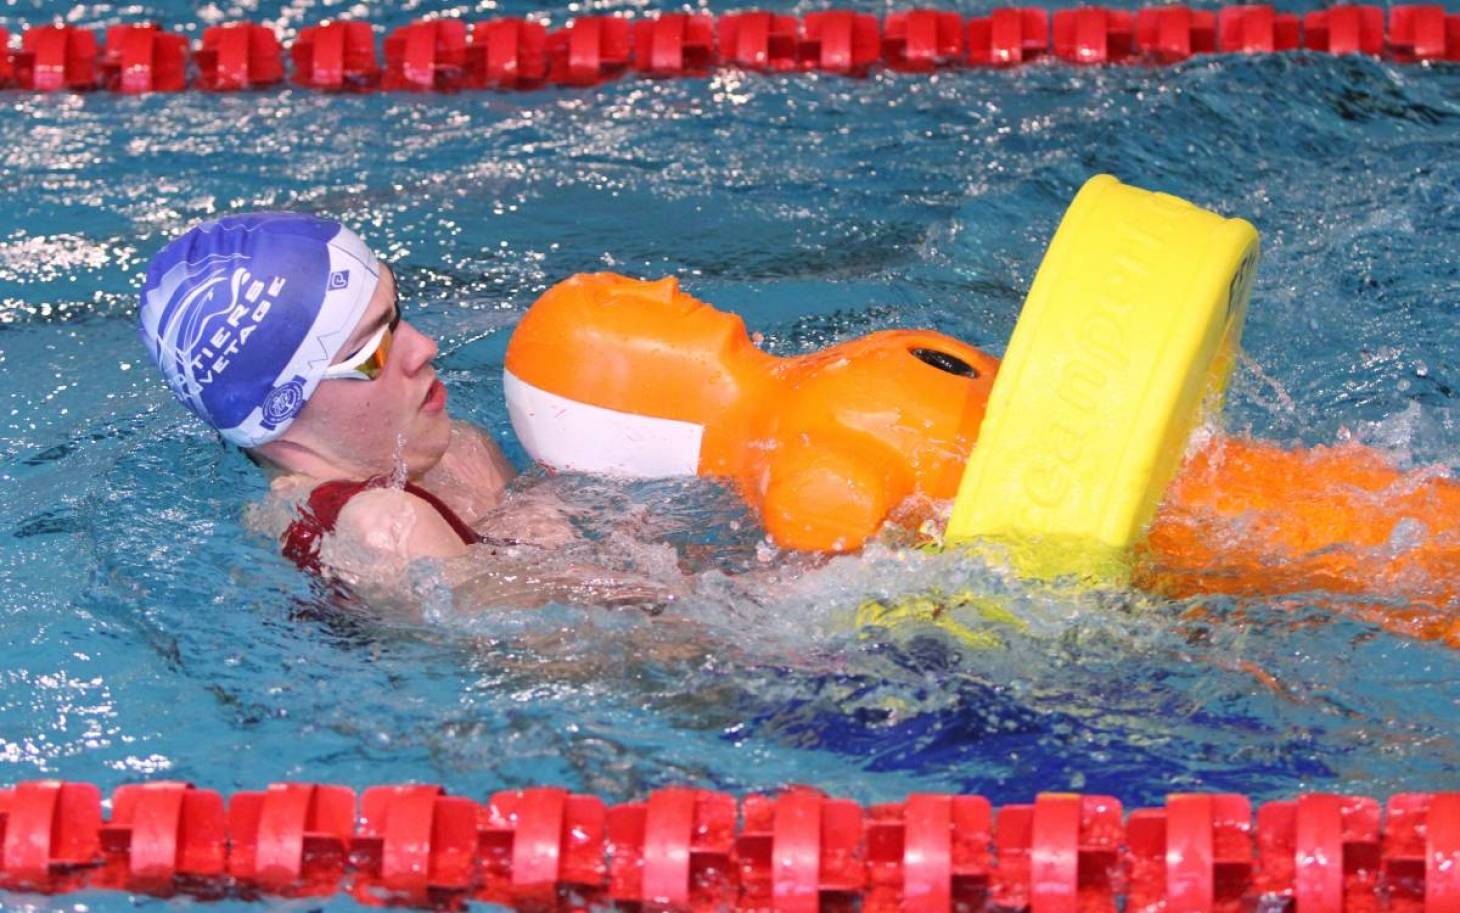 Le sauvetage sportif, la nouvelle vague